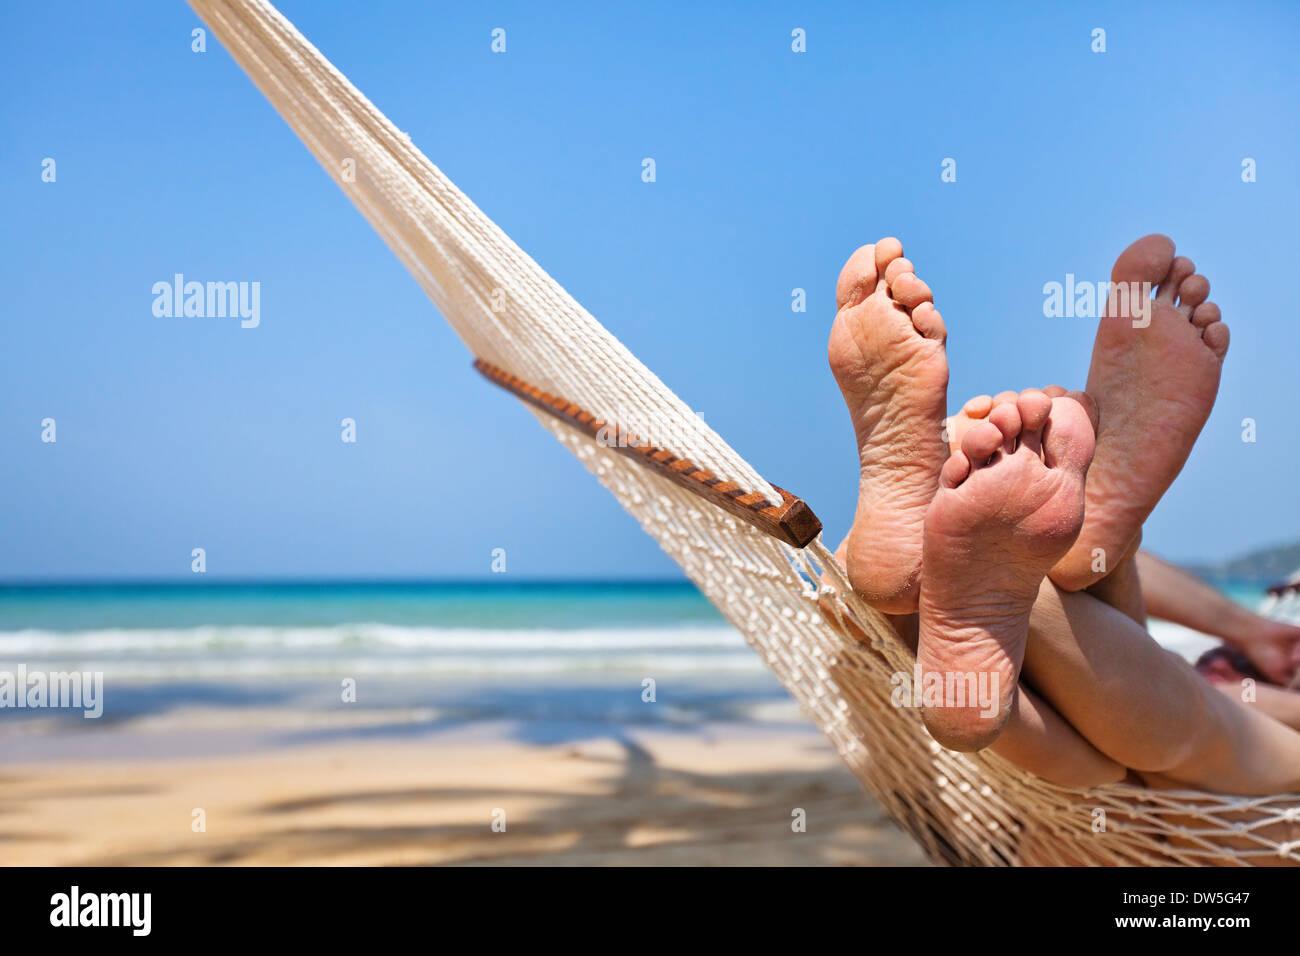 Matura in amaca sulla spiaggia Immagini Stock